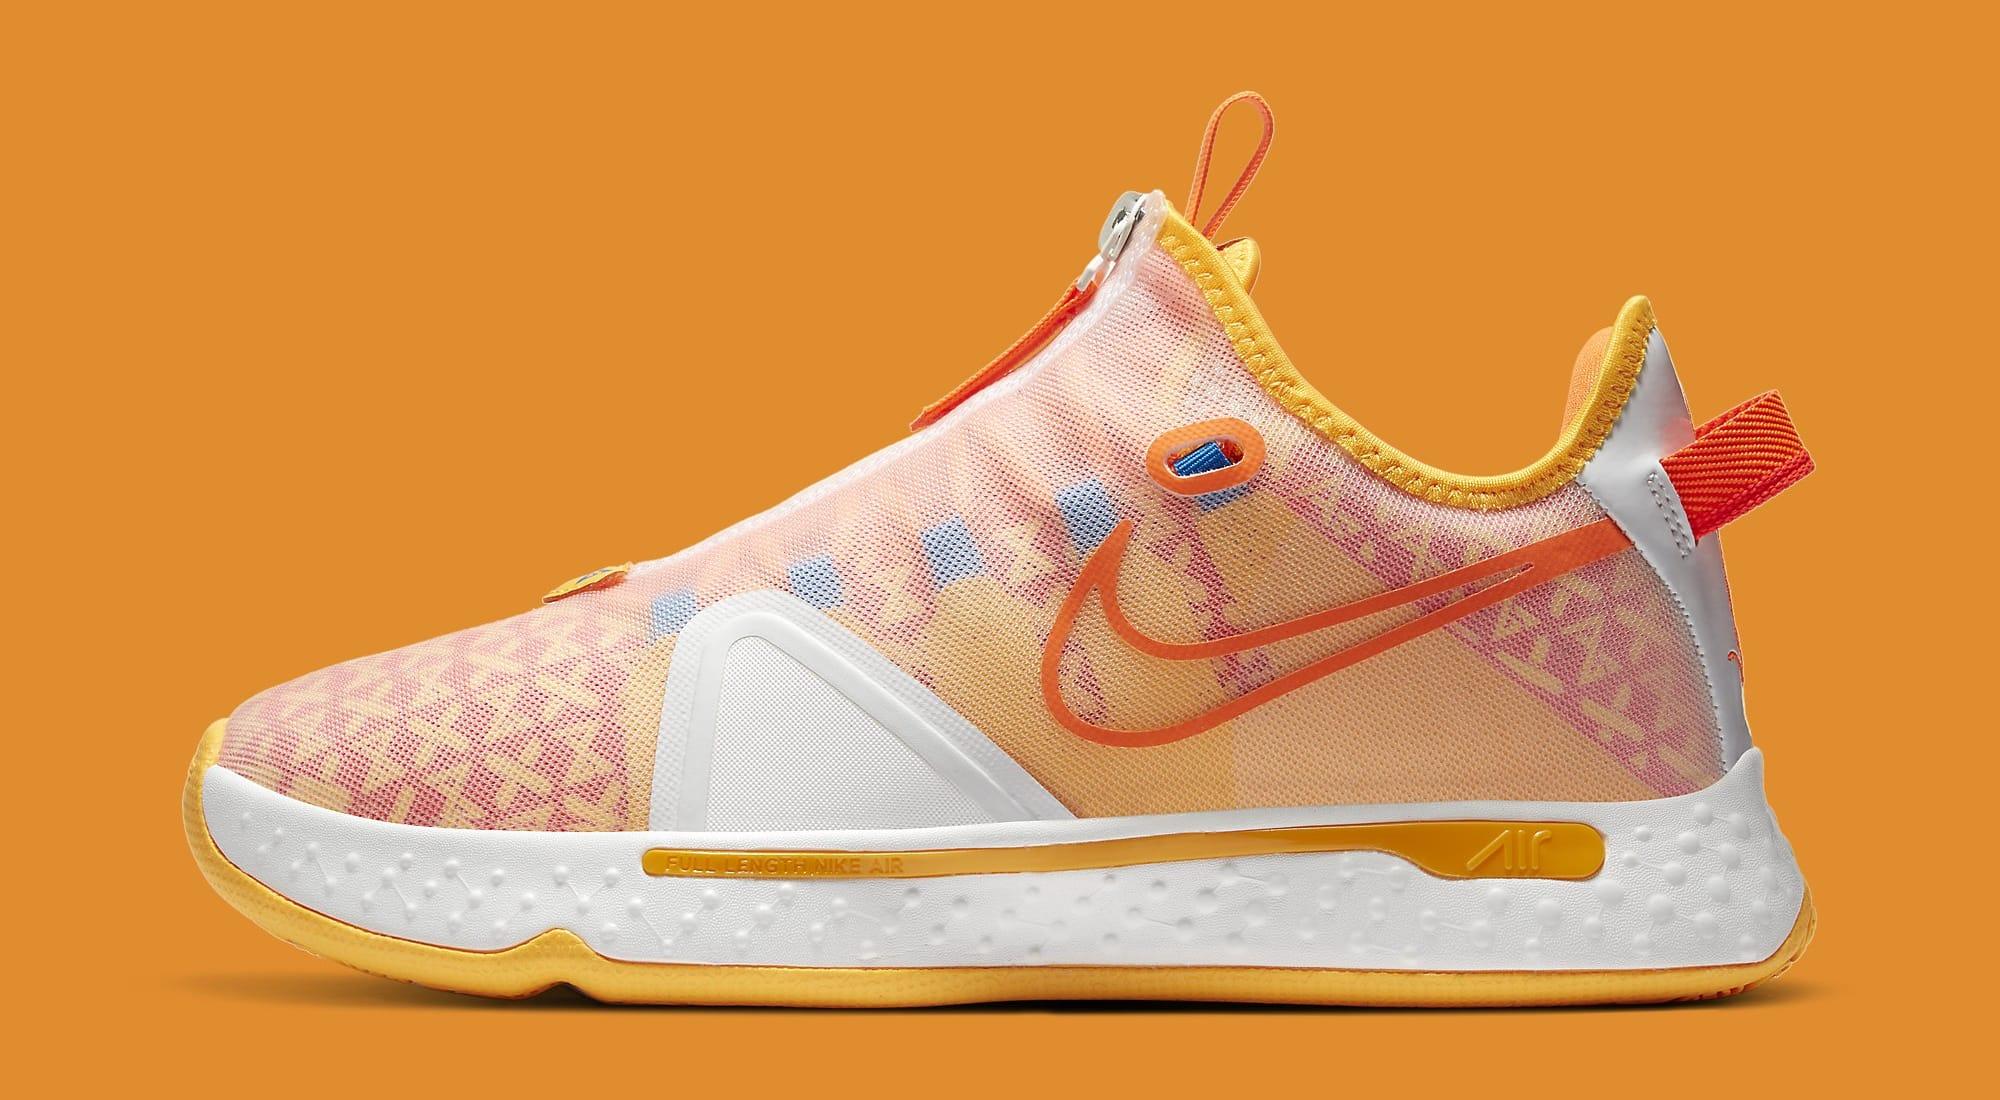 Gatorade x Nike PG 4 'Orange' CD5078-101 Lateral